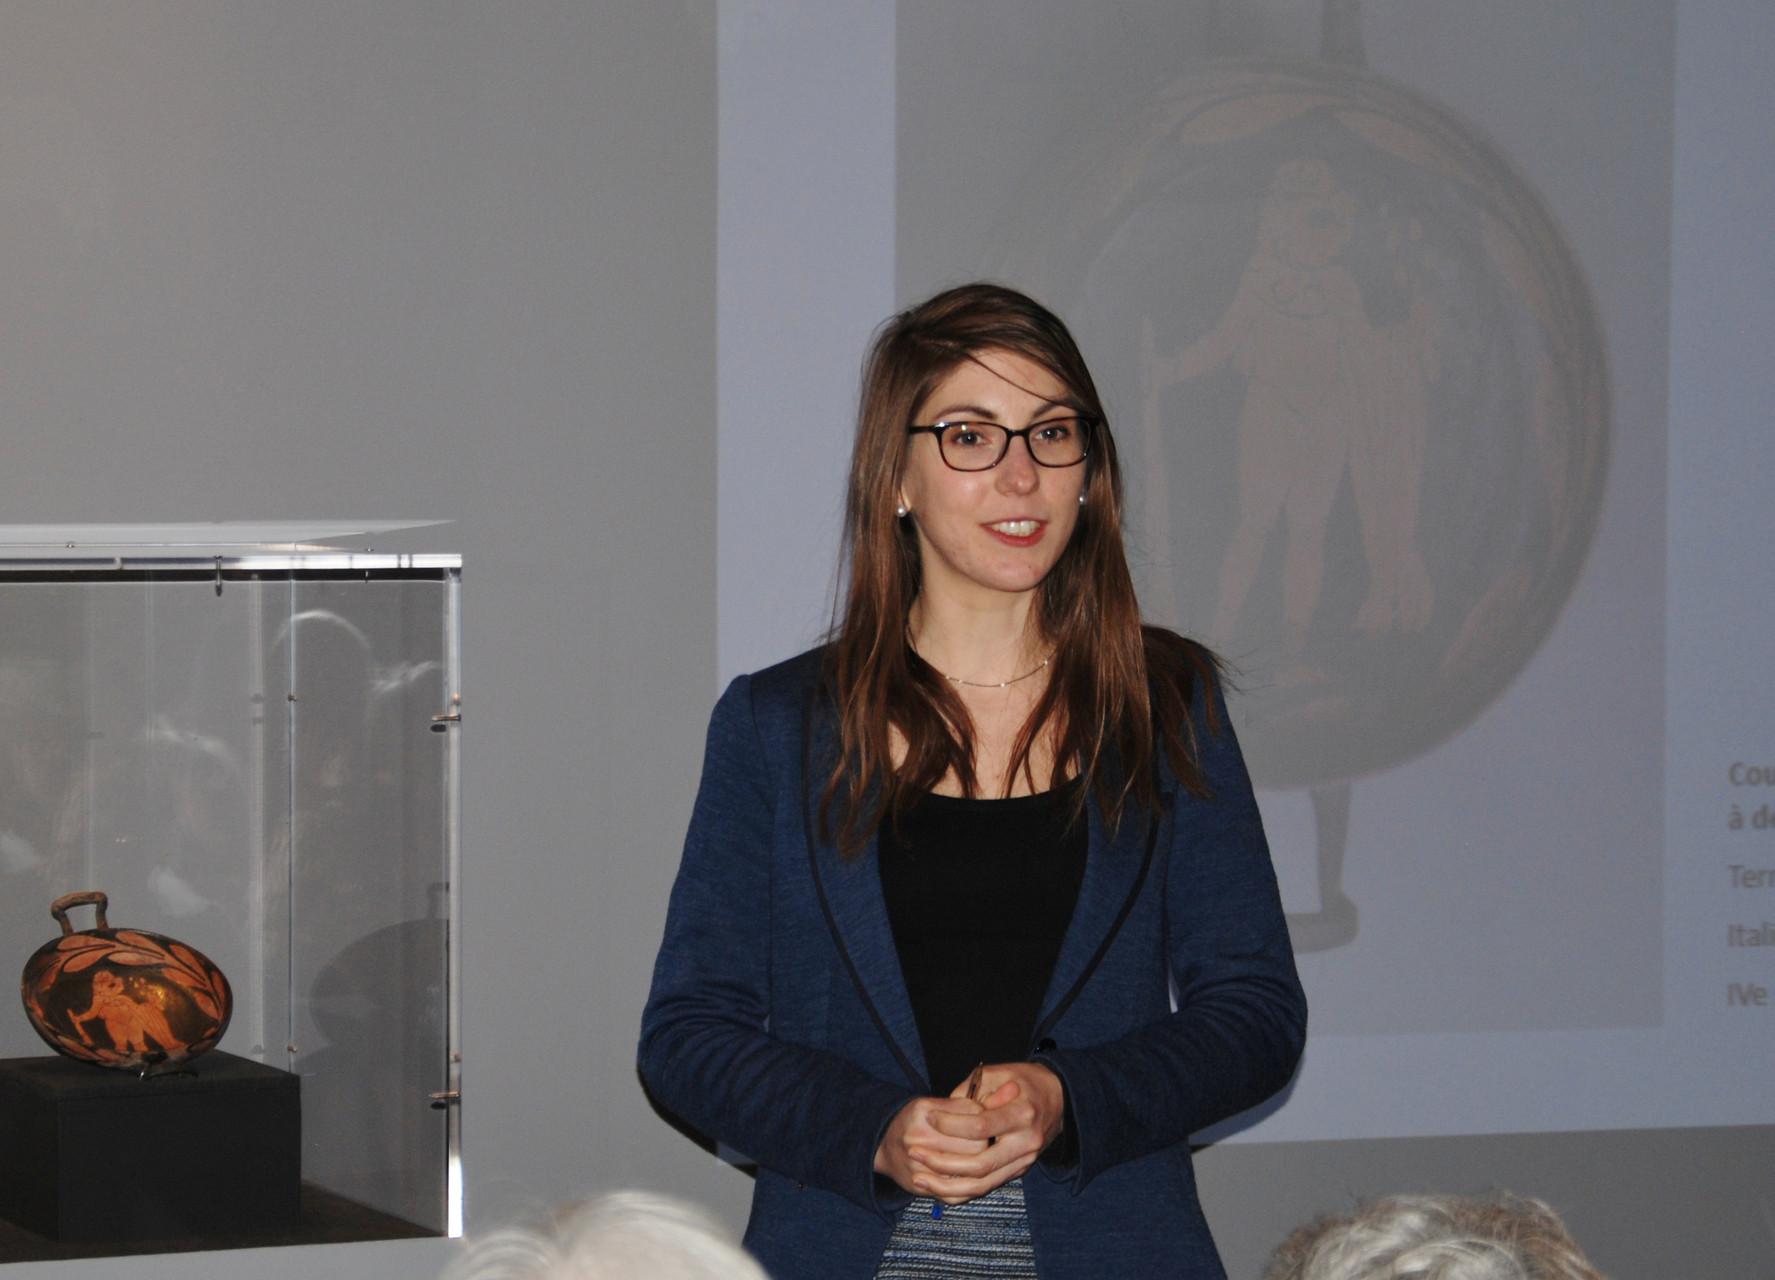 Agathe Jagerschmidt présente l'oeuvre du mois de mars 2015 / Photo Y. François